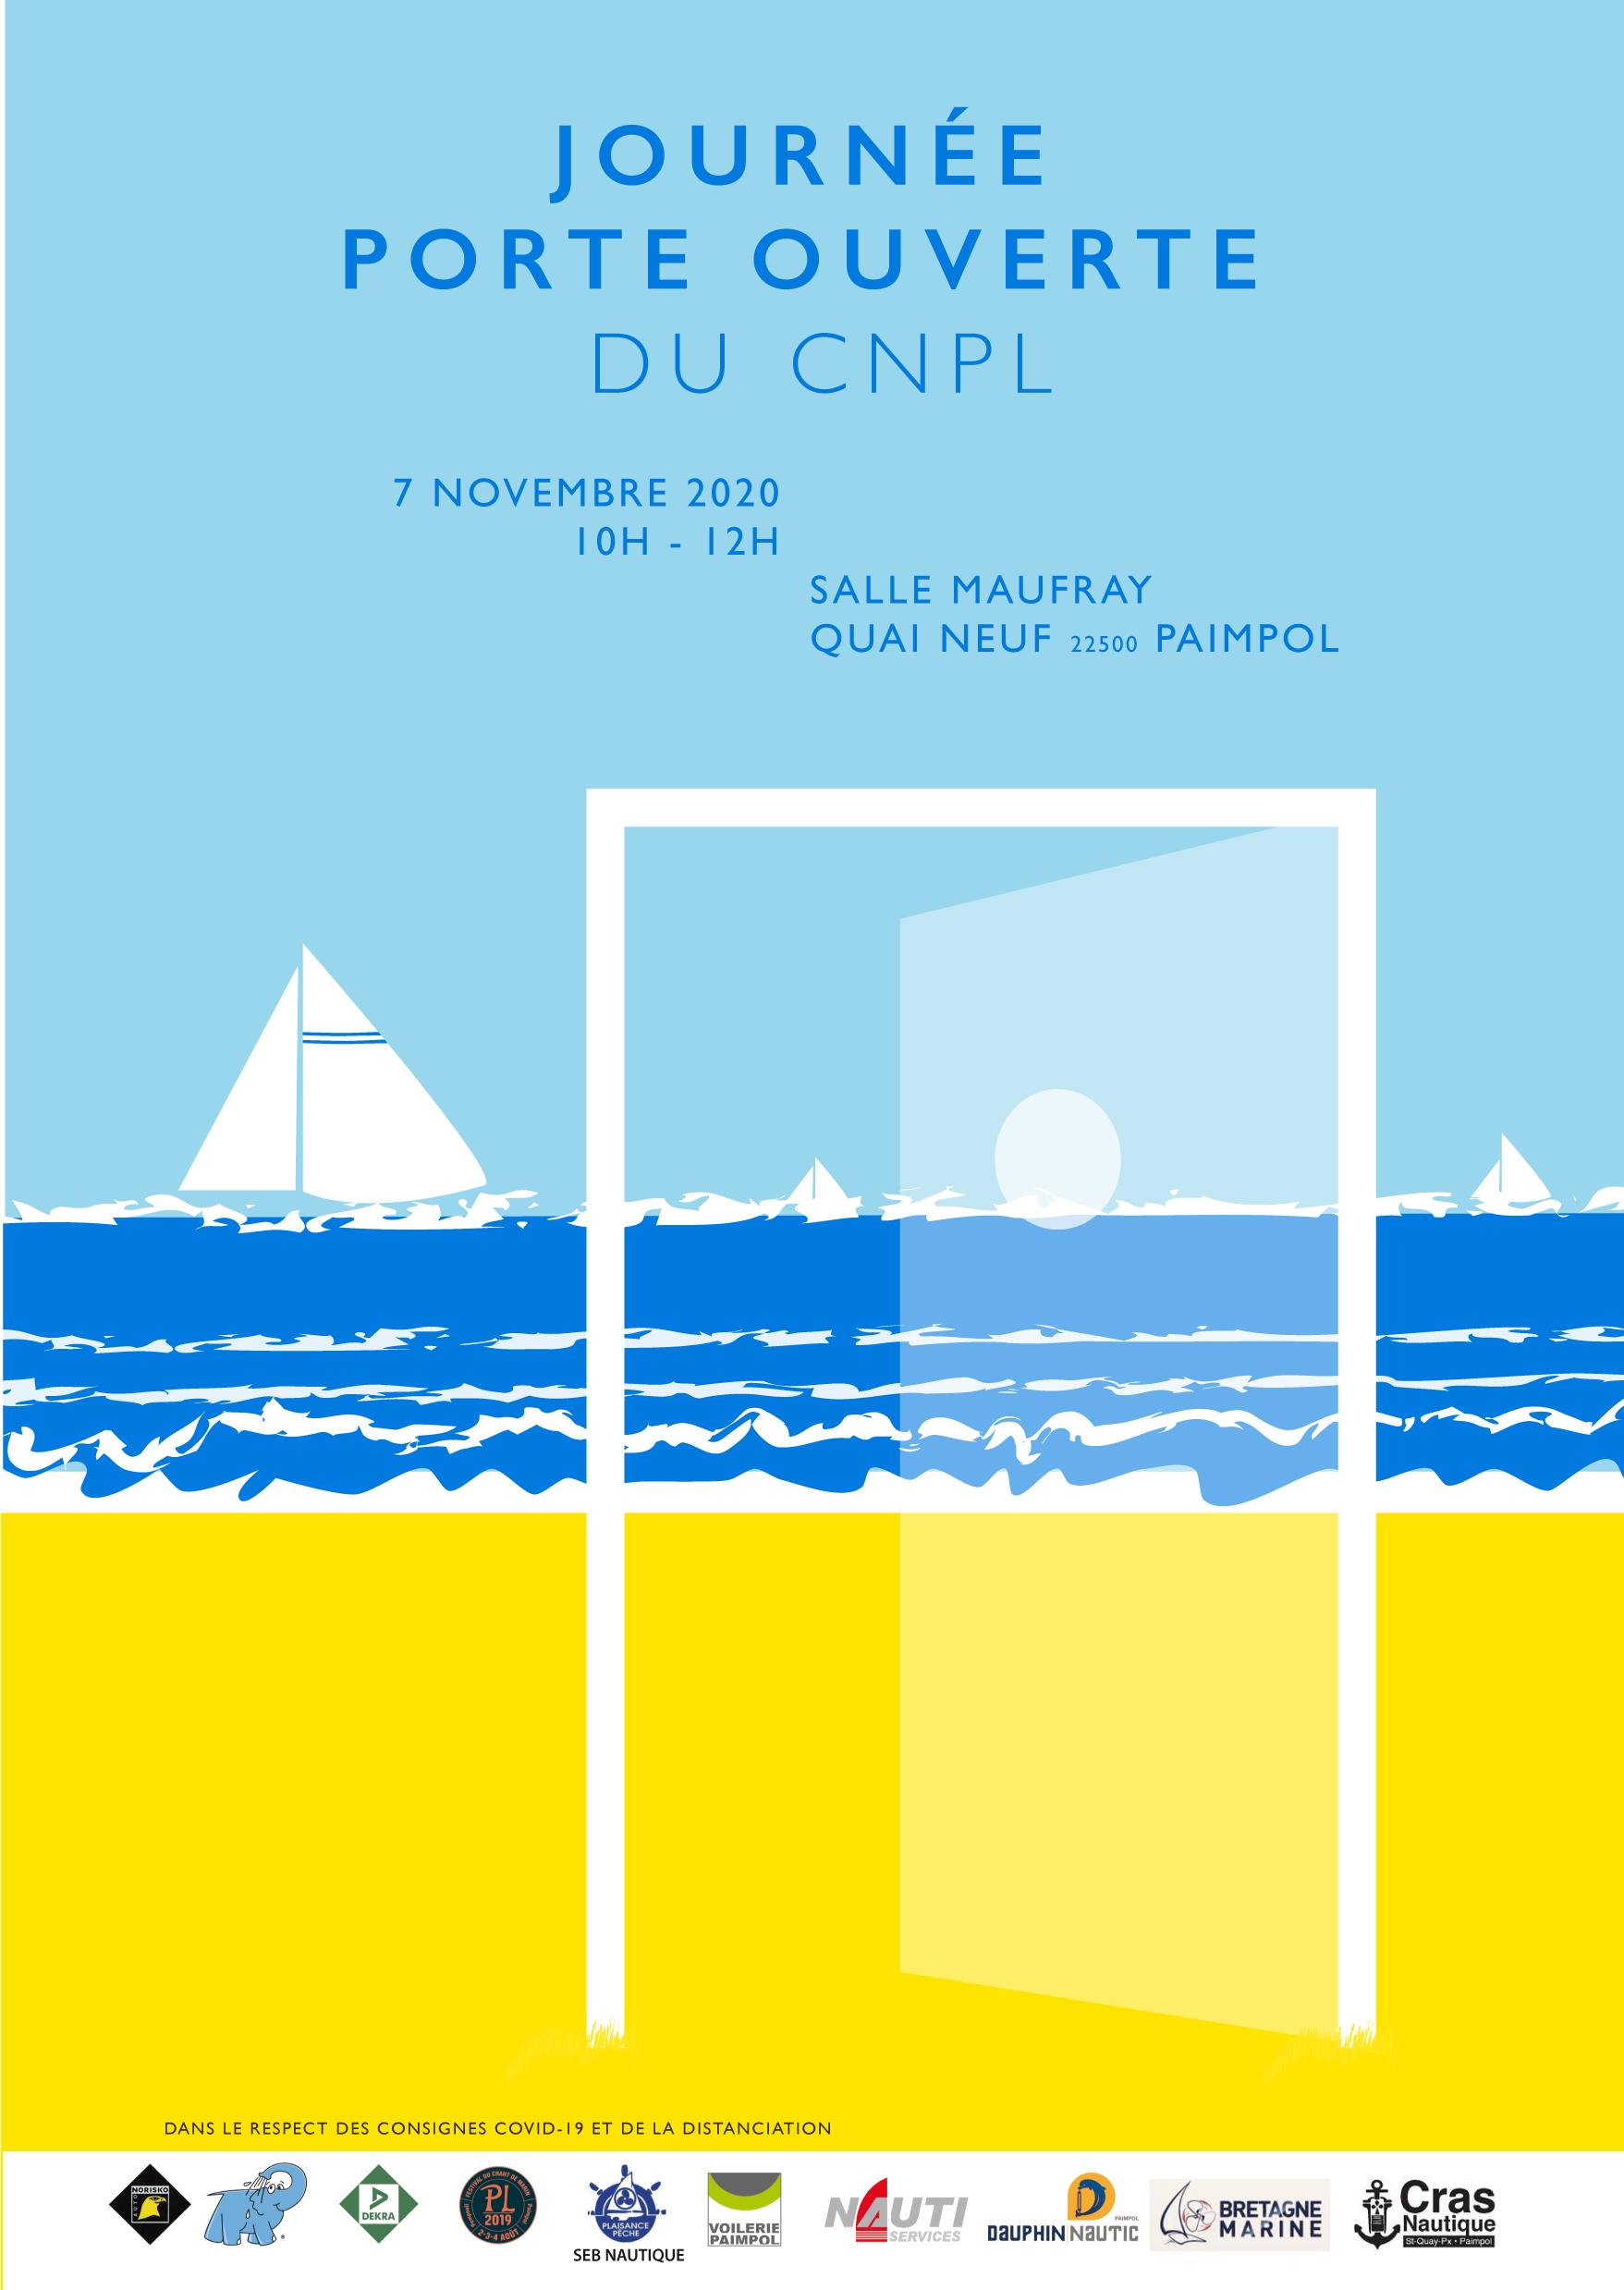 Journée porte ouverte du CNPL